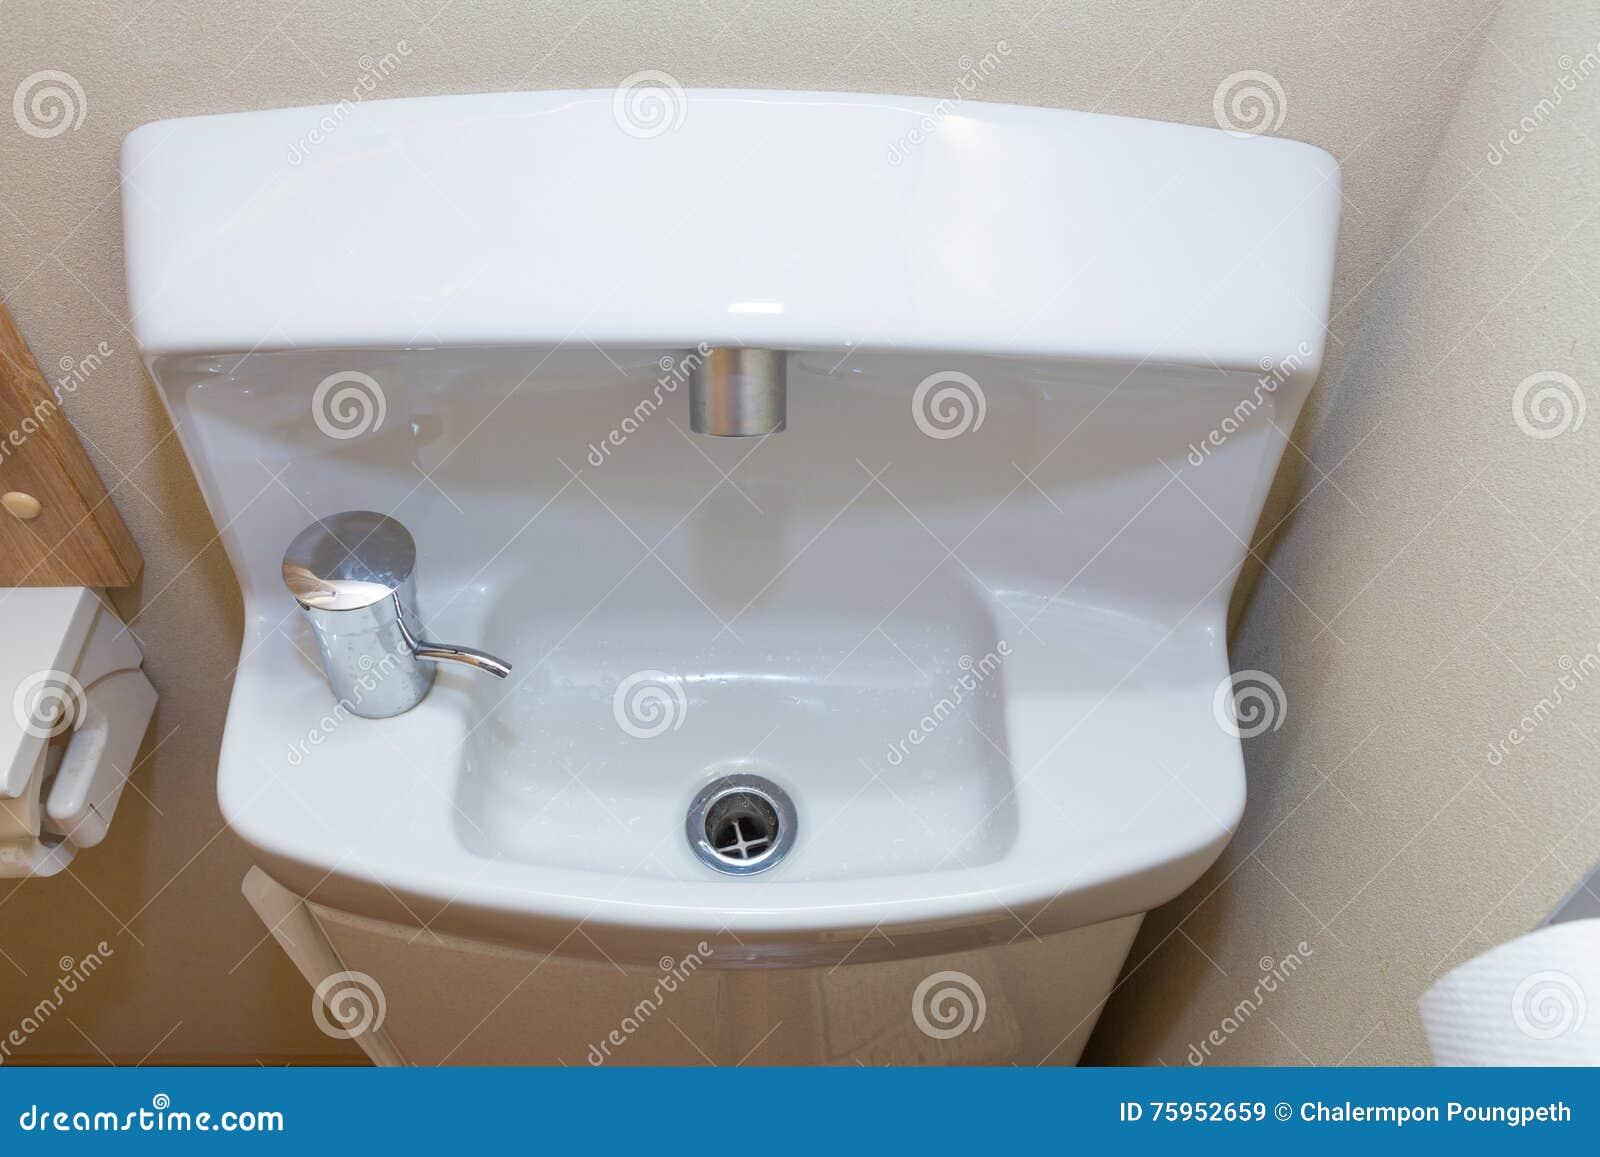 Mały ścisły łazienka Zlew Japoński Styl Obraz Stock Obraz